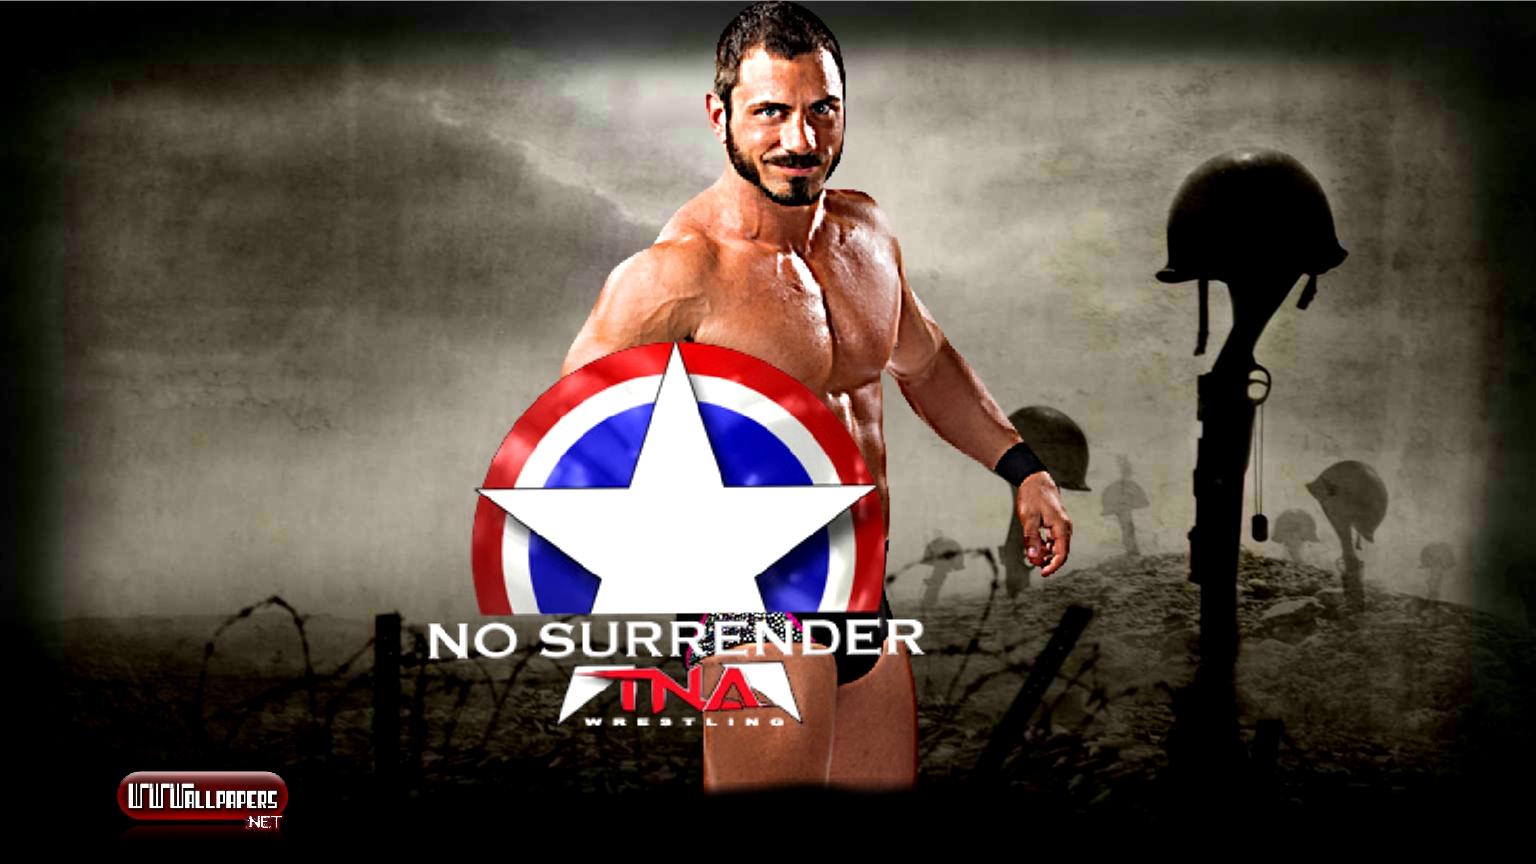 http://1.bp.blogspot.com/-gQV83ithJA4/UC0fNxF5NcI/AAAAAAAACeA/ZWZeMPHM0pM/s1600/TNA+no+surrender+poster+wallpaper+austin+aries+2012.jpg